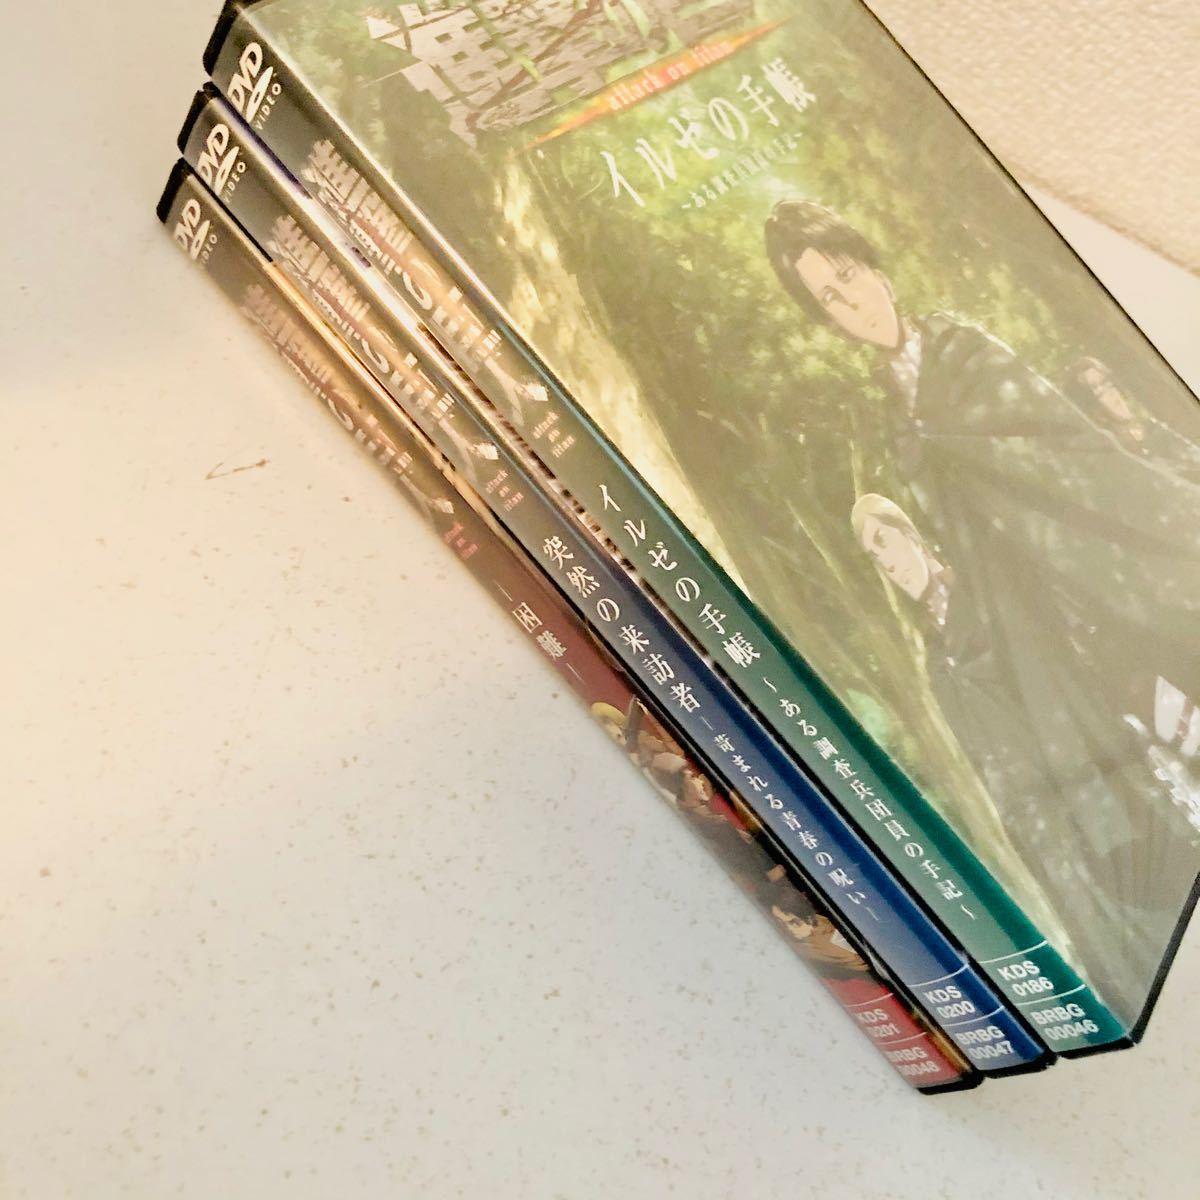 【匿名配送】進撃の巨人 12巻13巻14巻 限定版 DVDセット【送料無料】